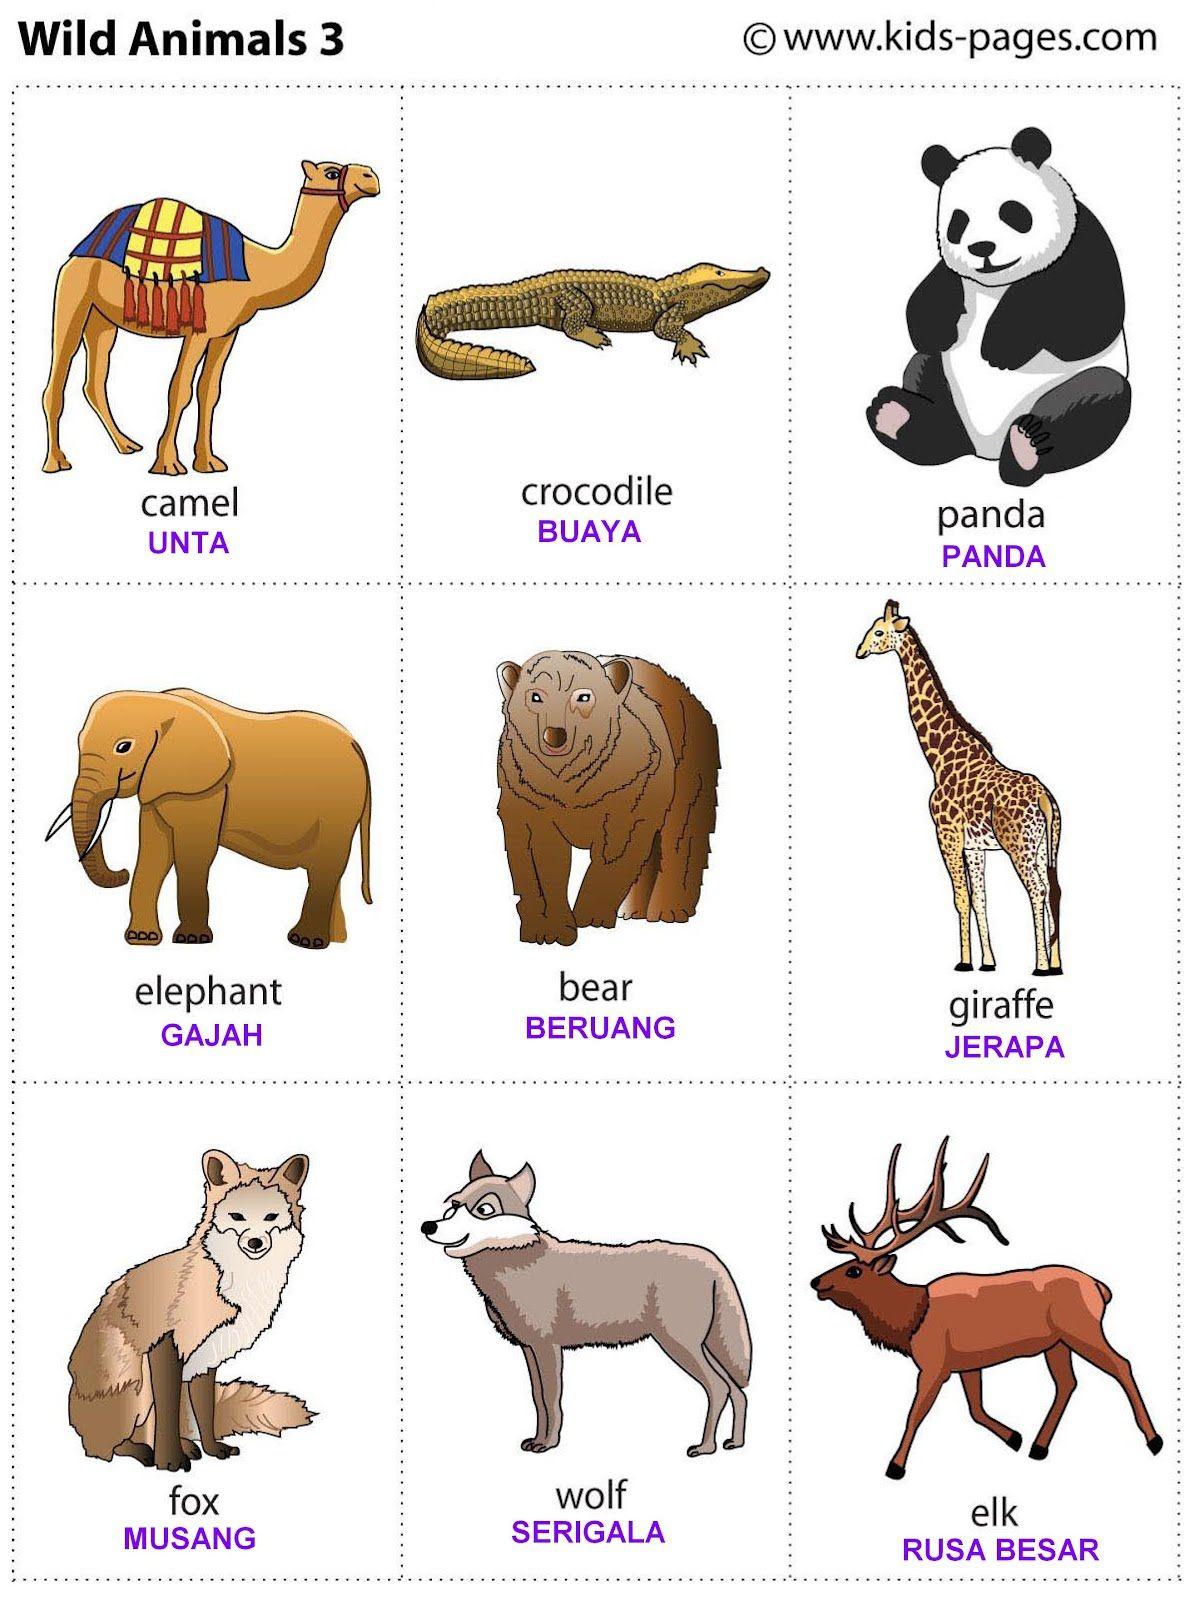 FLASHCARD INDONESIA Binatang buas, Binatang, Binatang ternak